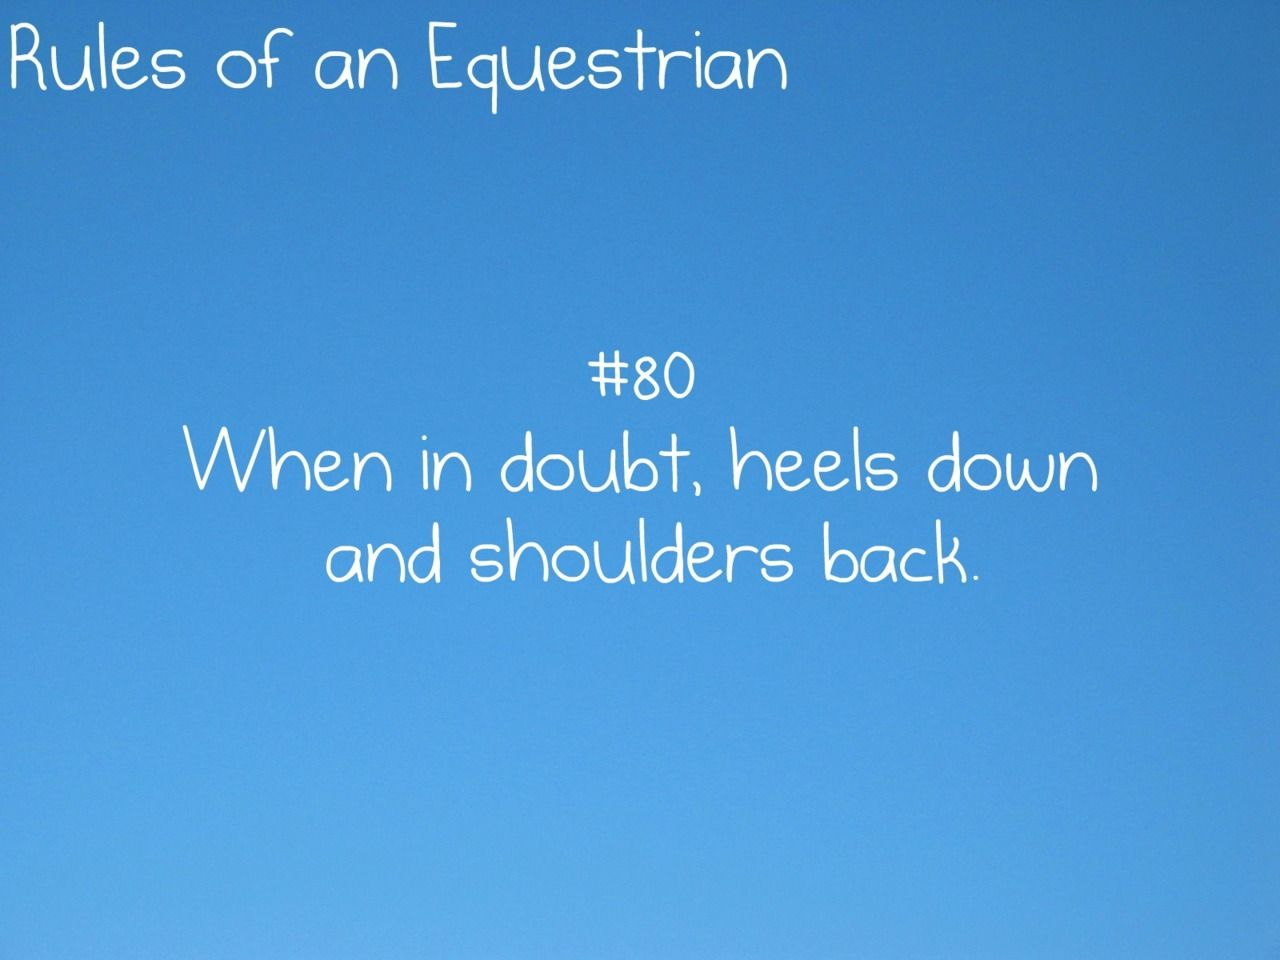 Heels Down, Back Straight, Shoulders Back, Eyes Up, Heels